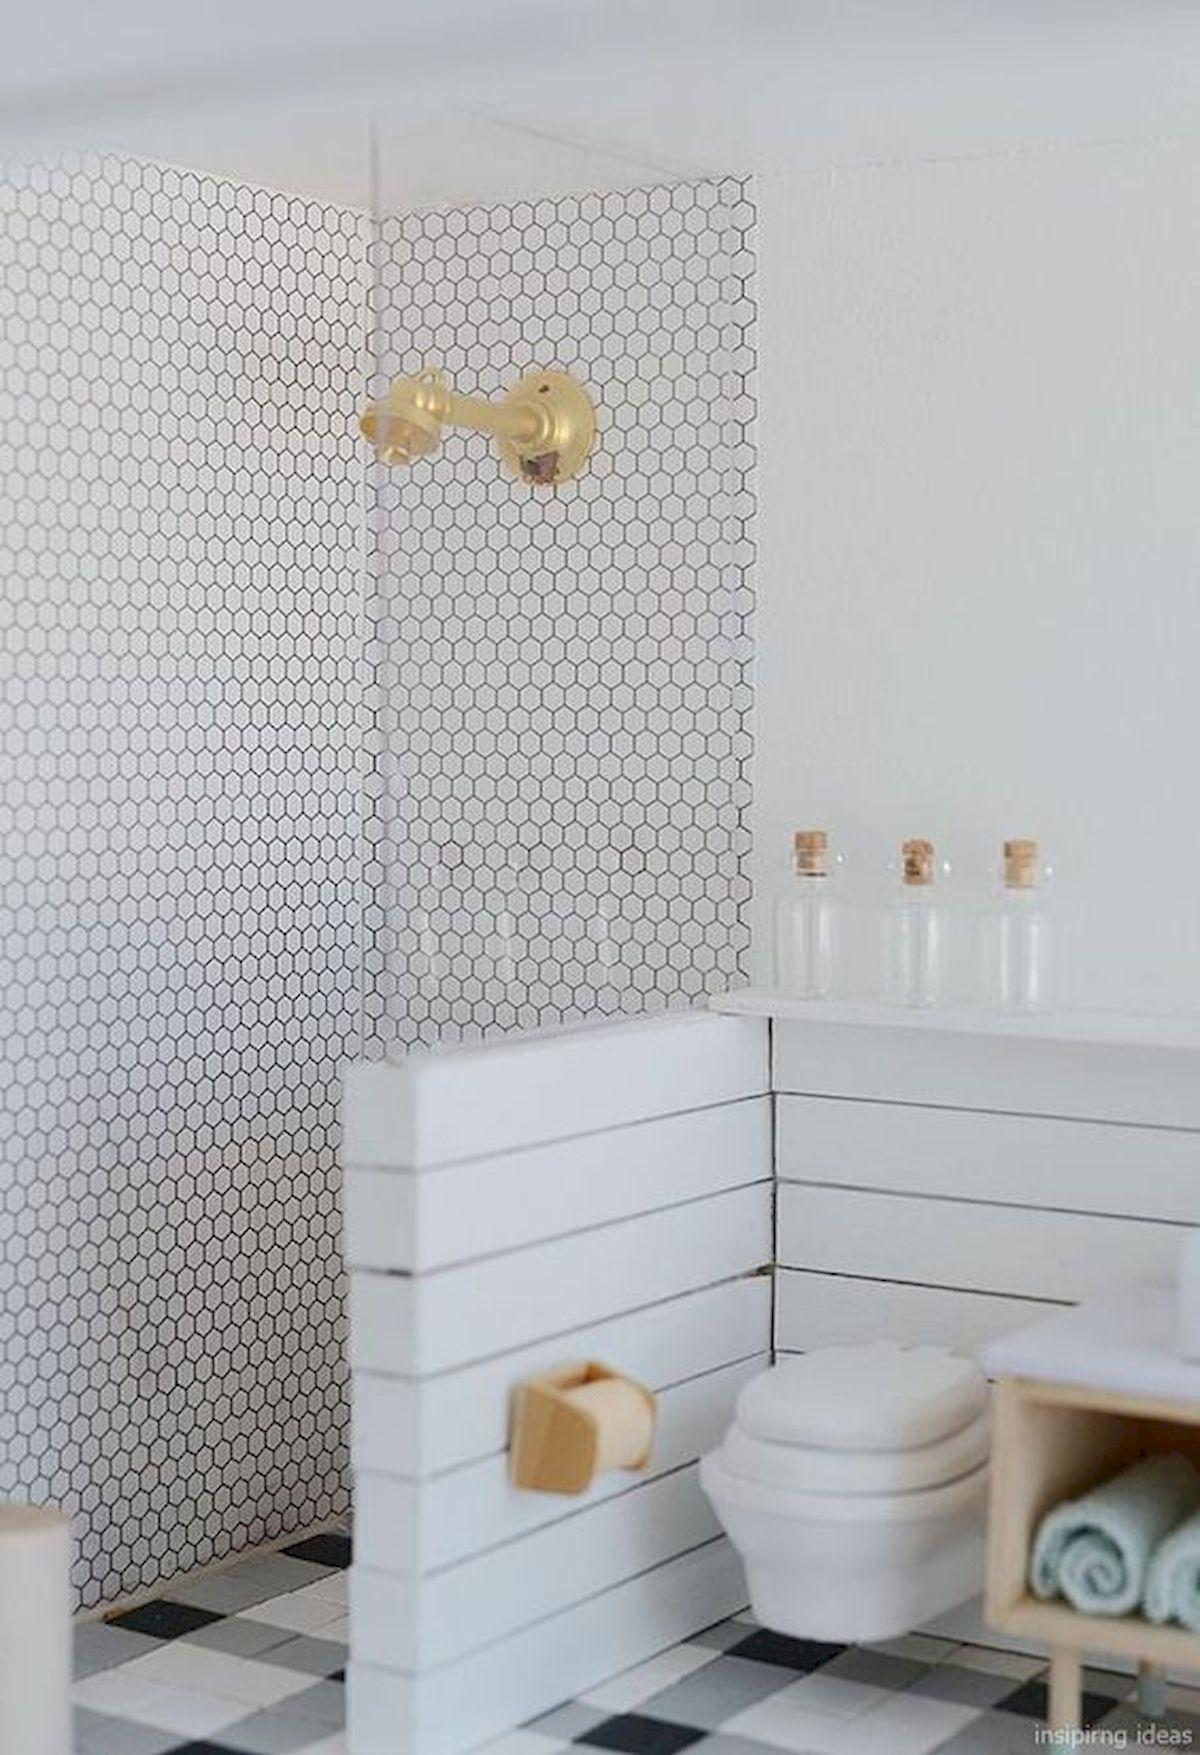 24 Guest Bathroom Sink Country Projects En 2020 Meubles Maison De Poupee Mobilier Moderne De Maison De Poupee Maison De Poupee